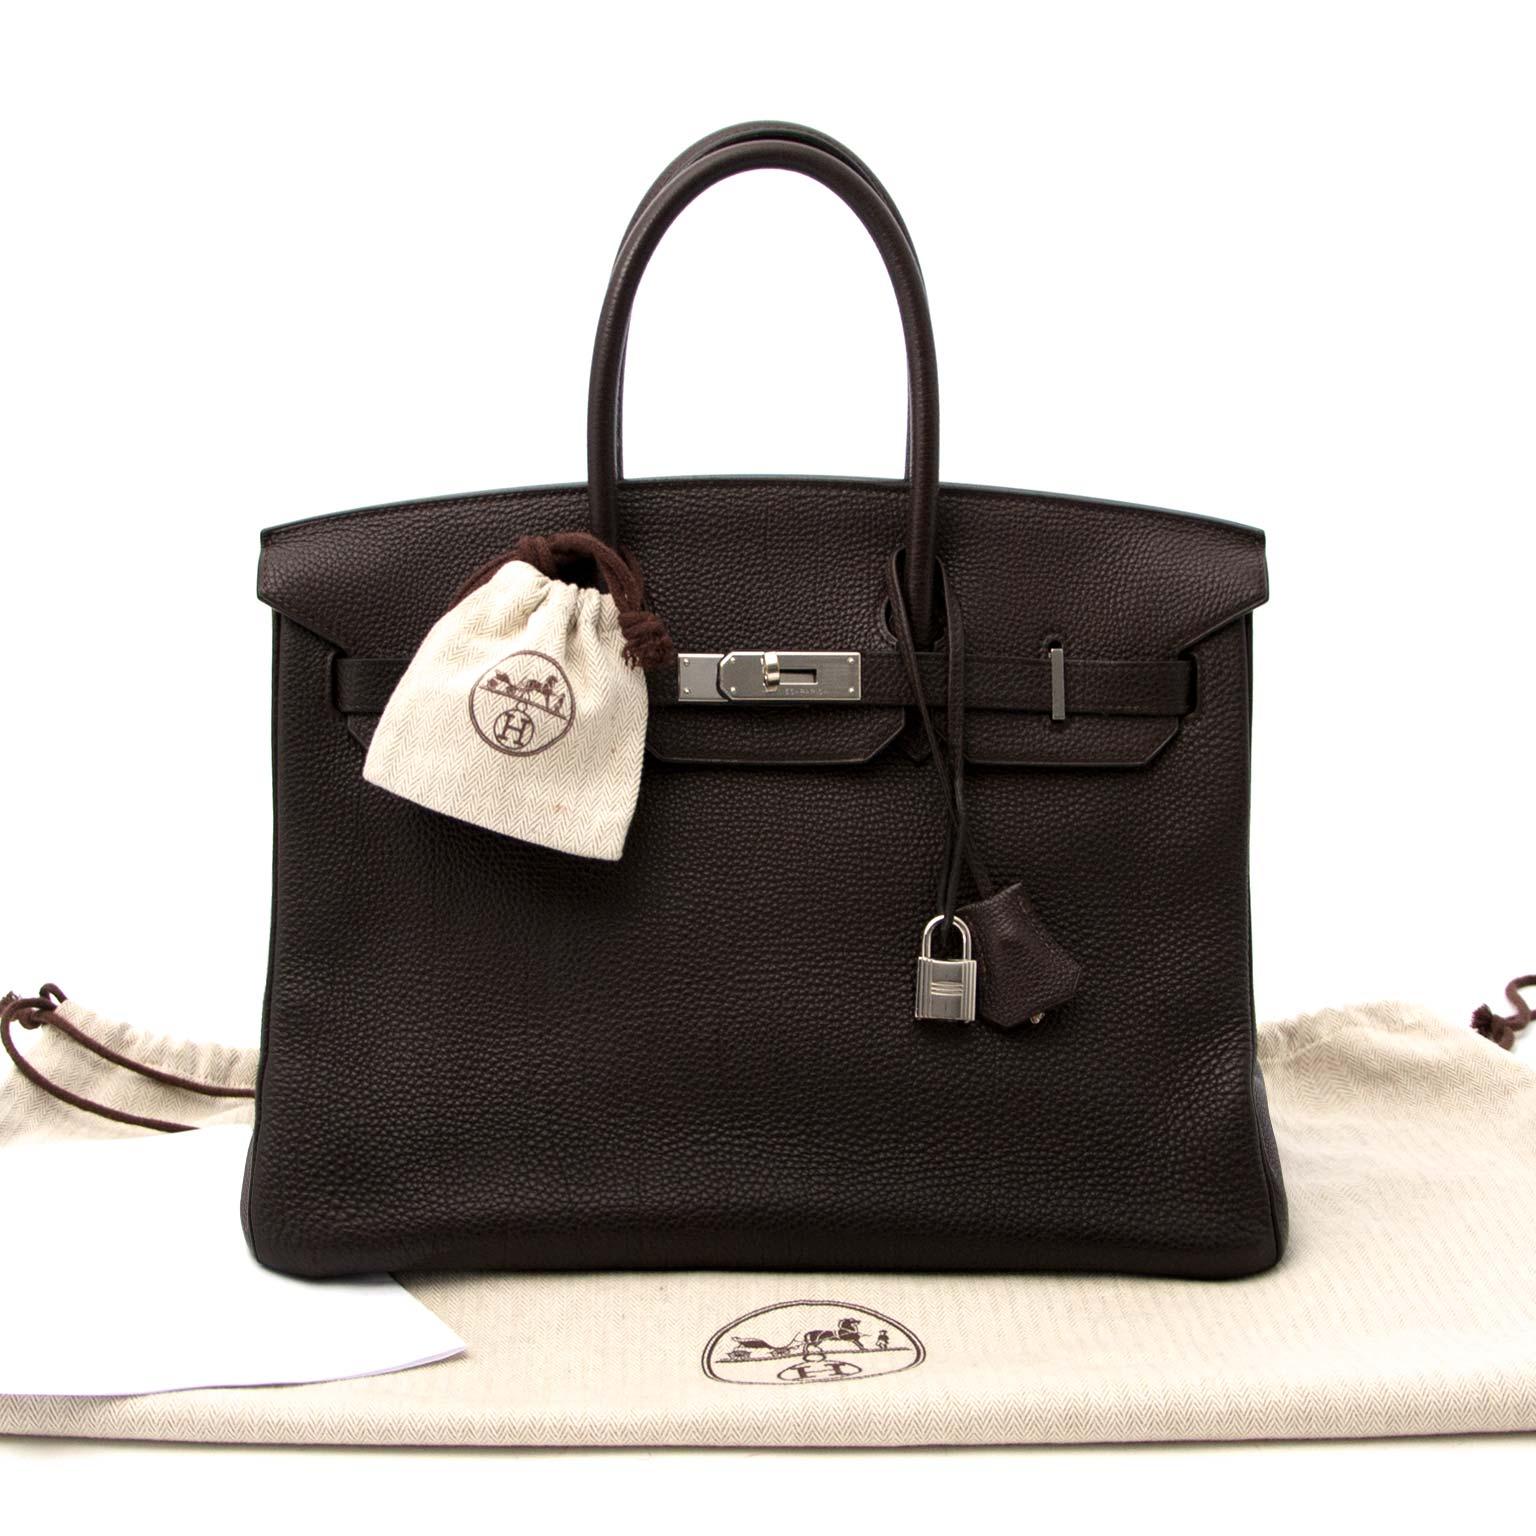 koop veilig online aan de beste prijs Hermes Birkin 35 Togo Chocolat Chevre Pigmente PHW